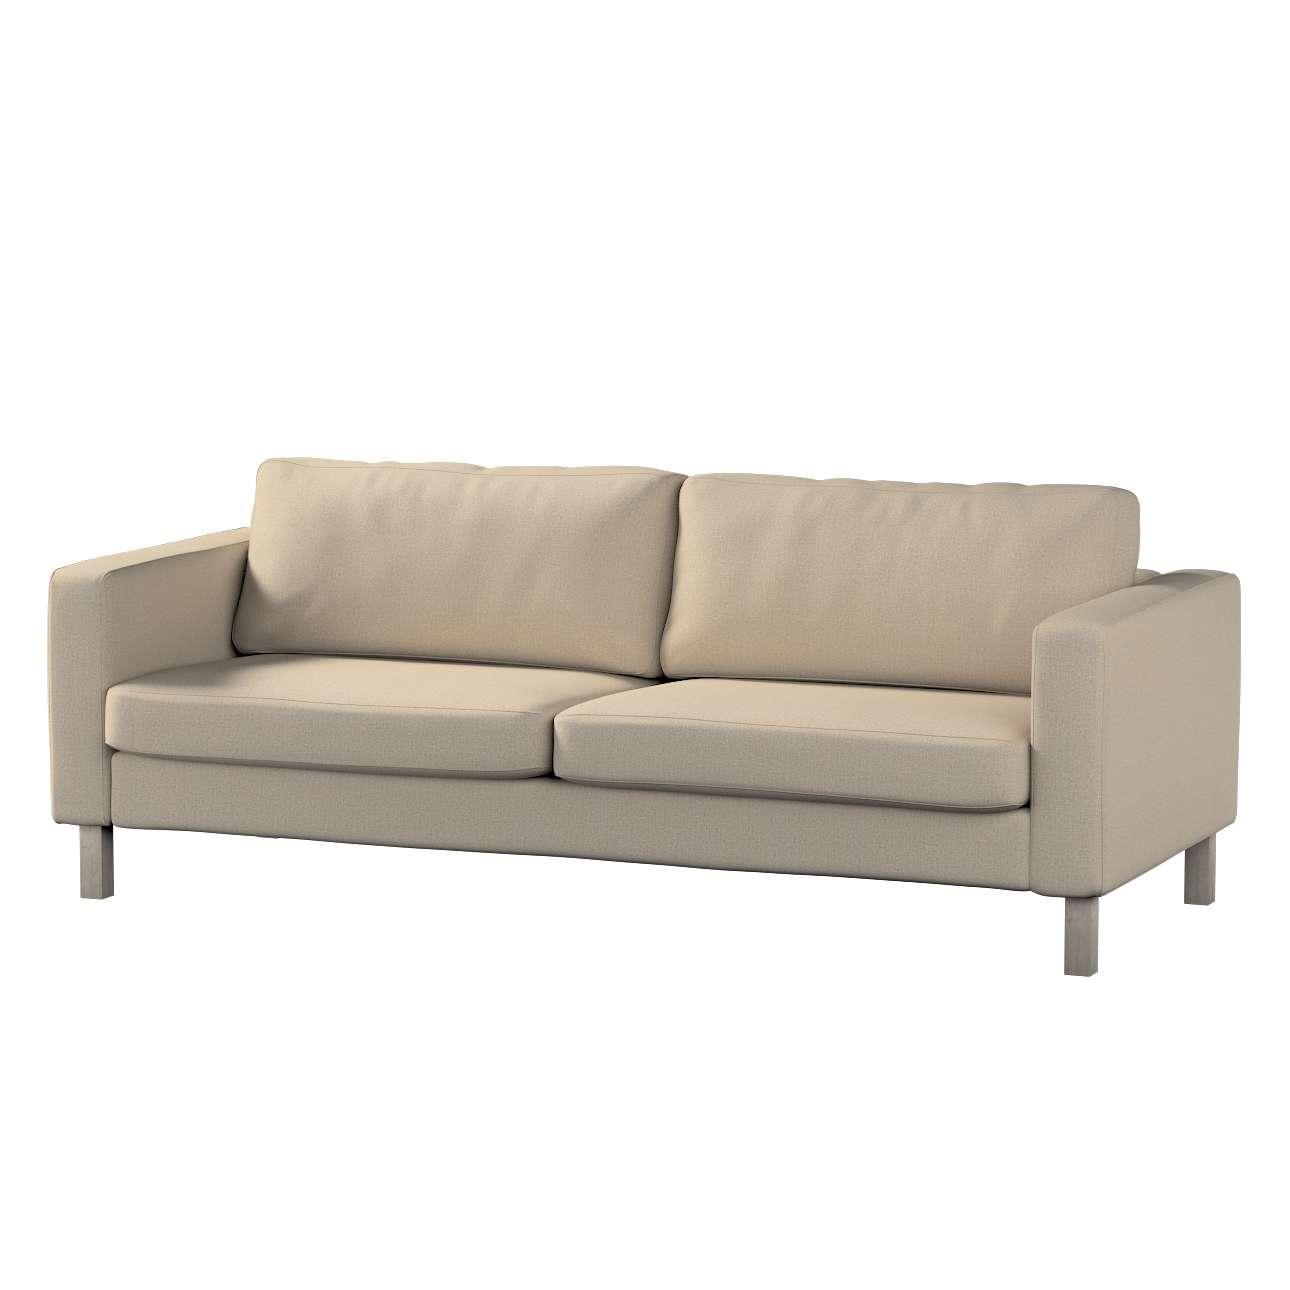 Pokrowiec na sofę Karlstad 3-osobową nierozkładaną, krótki Sofa Karlstad 3-osobowa w kolekcji Edinburgh, tkanina: 115-78